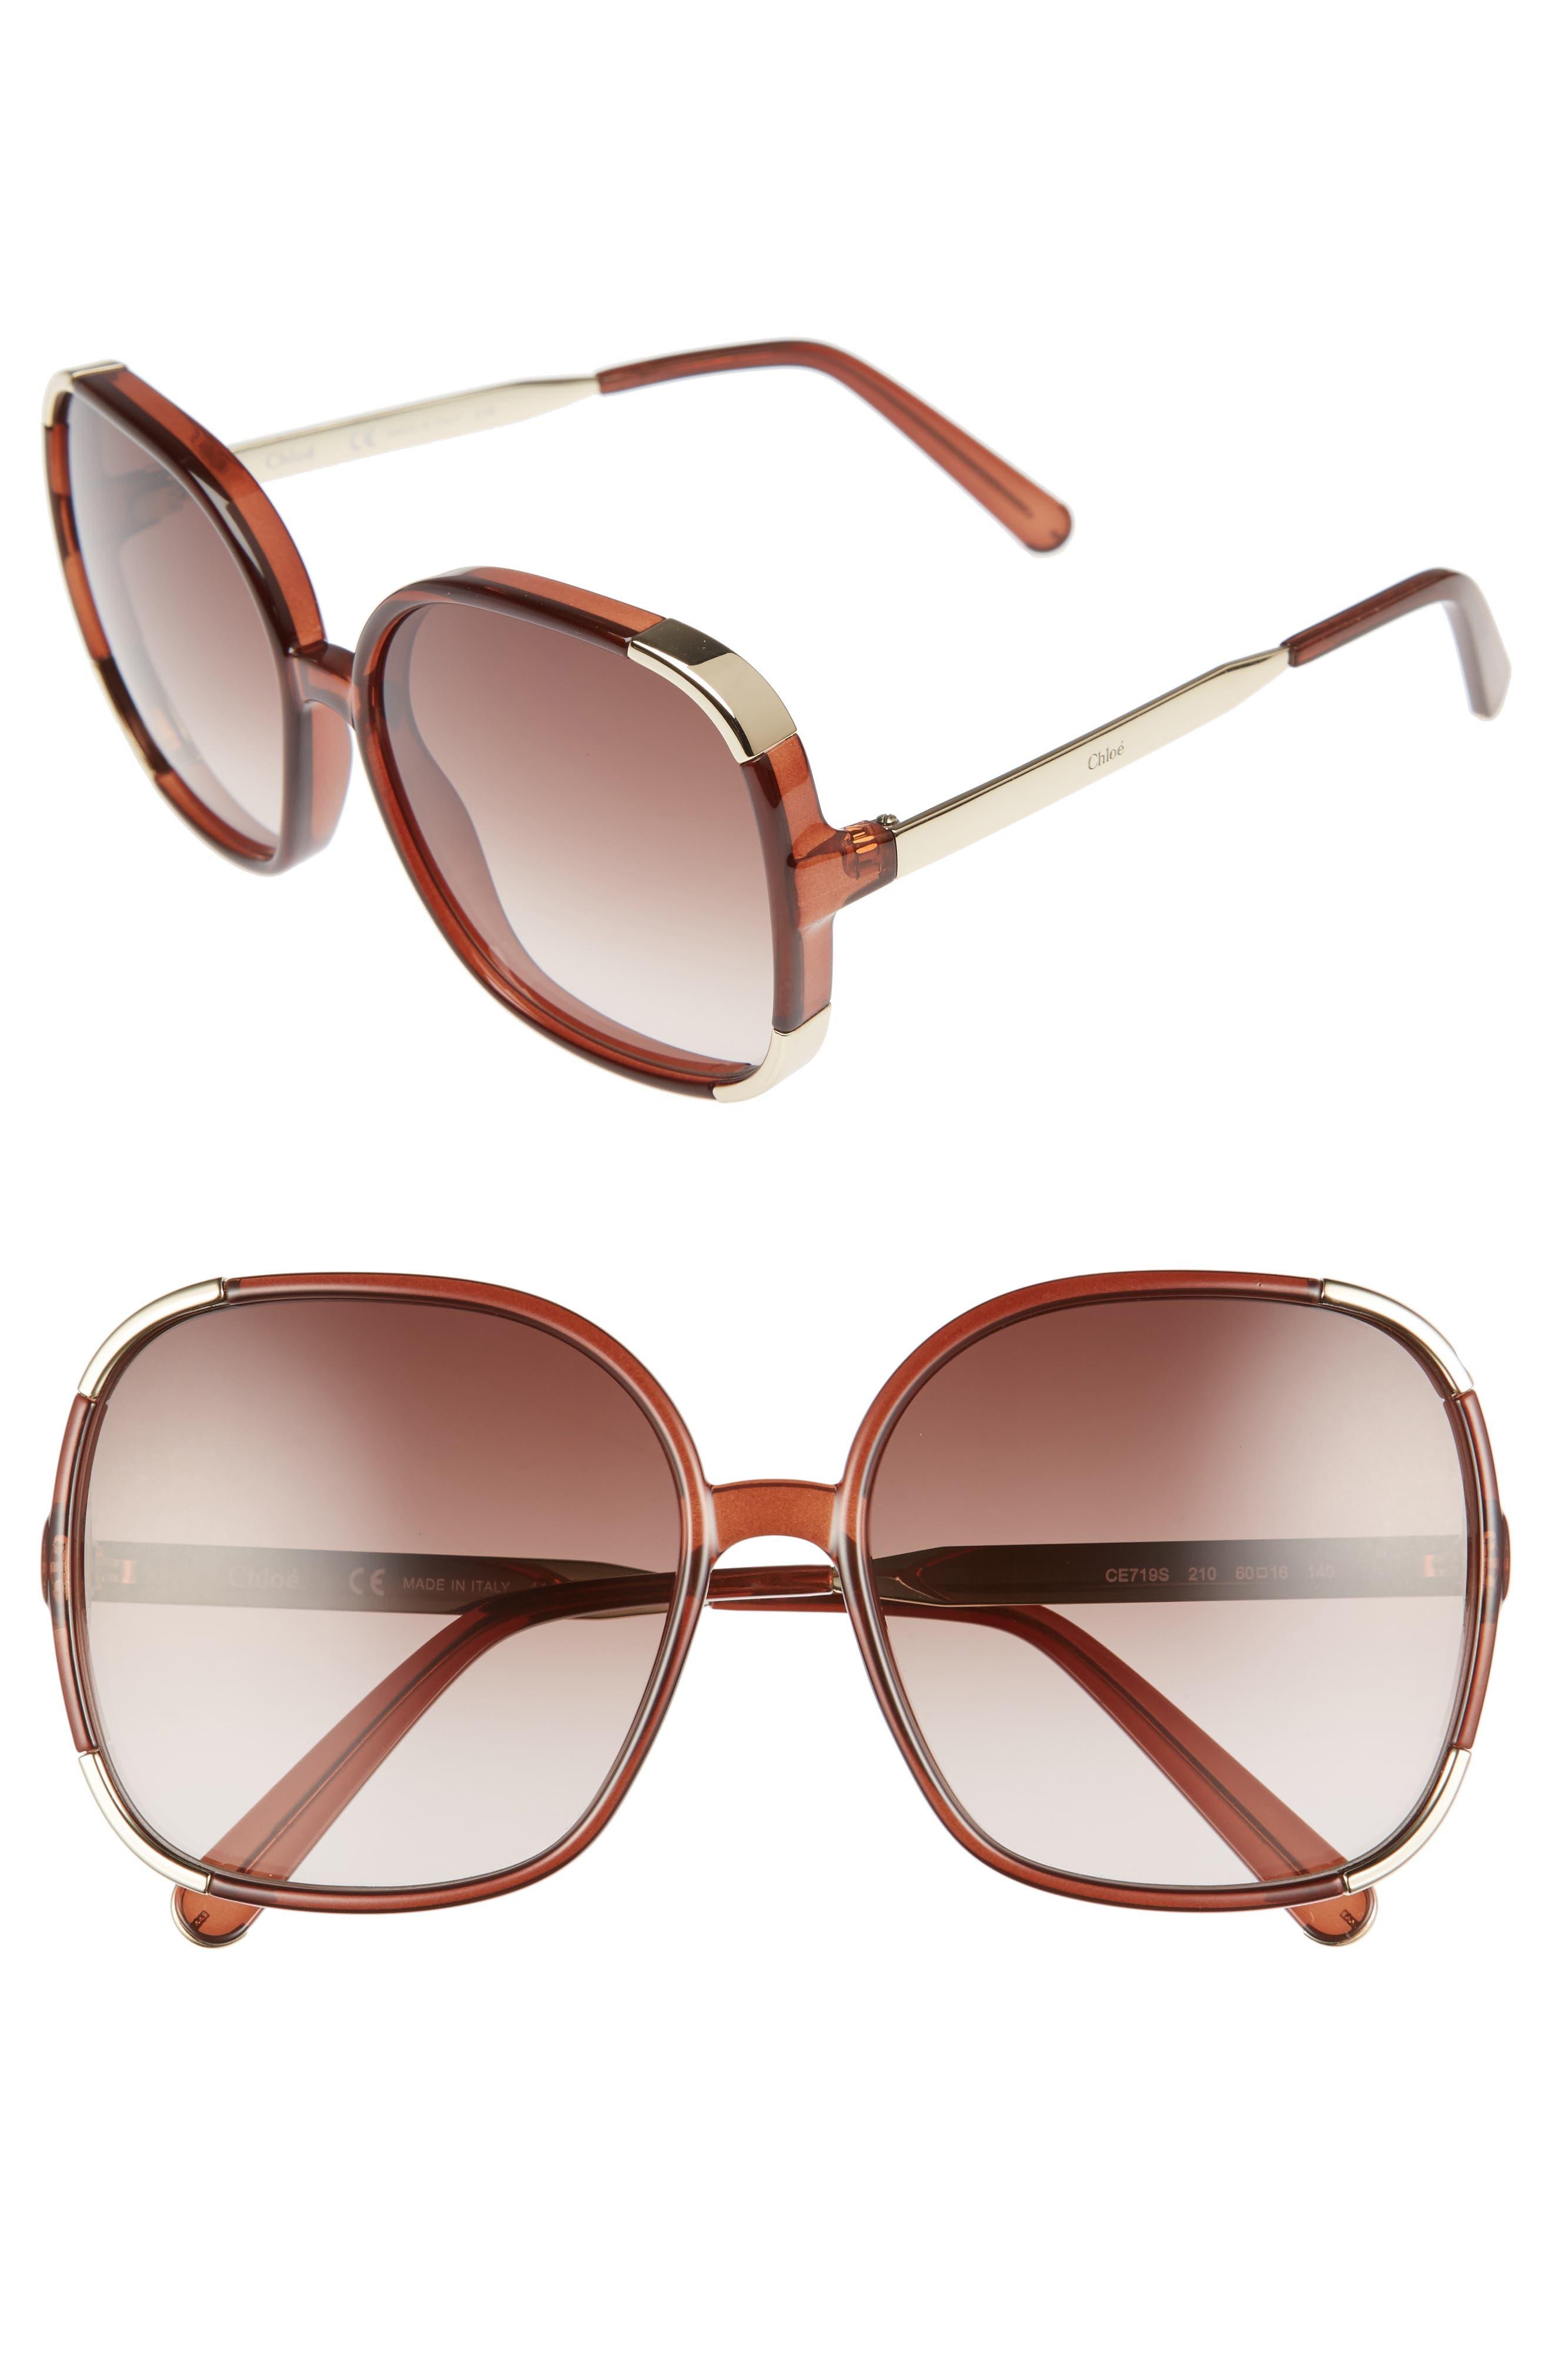 Myrte 61mm Gradient Lens Square Sunglasses,                             Main thumbnail 1, color,                             BROWN